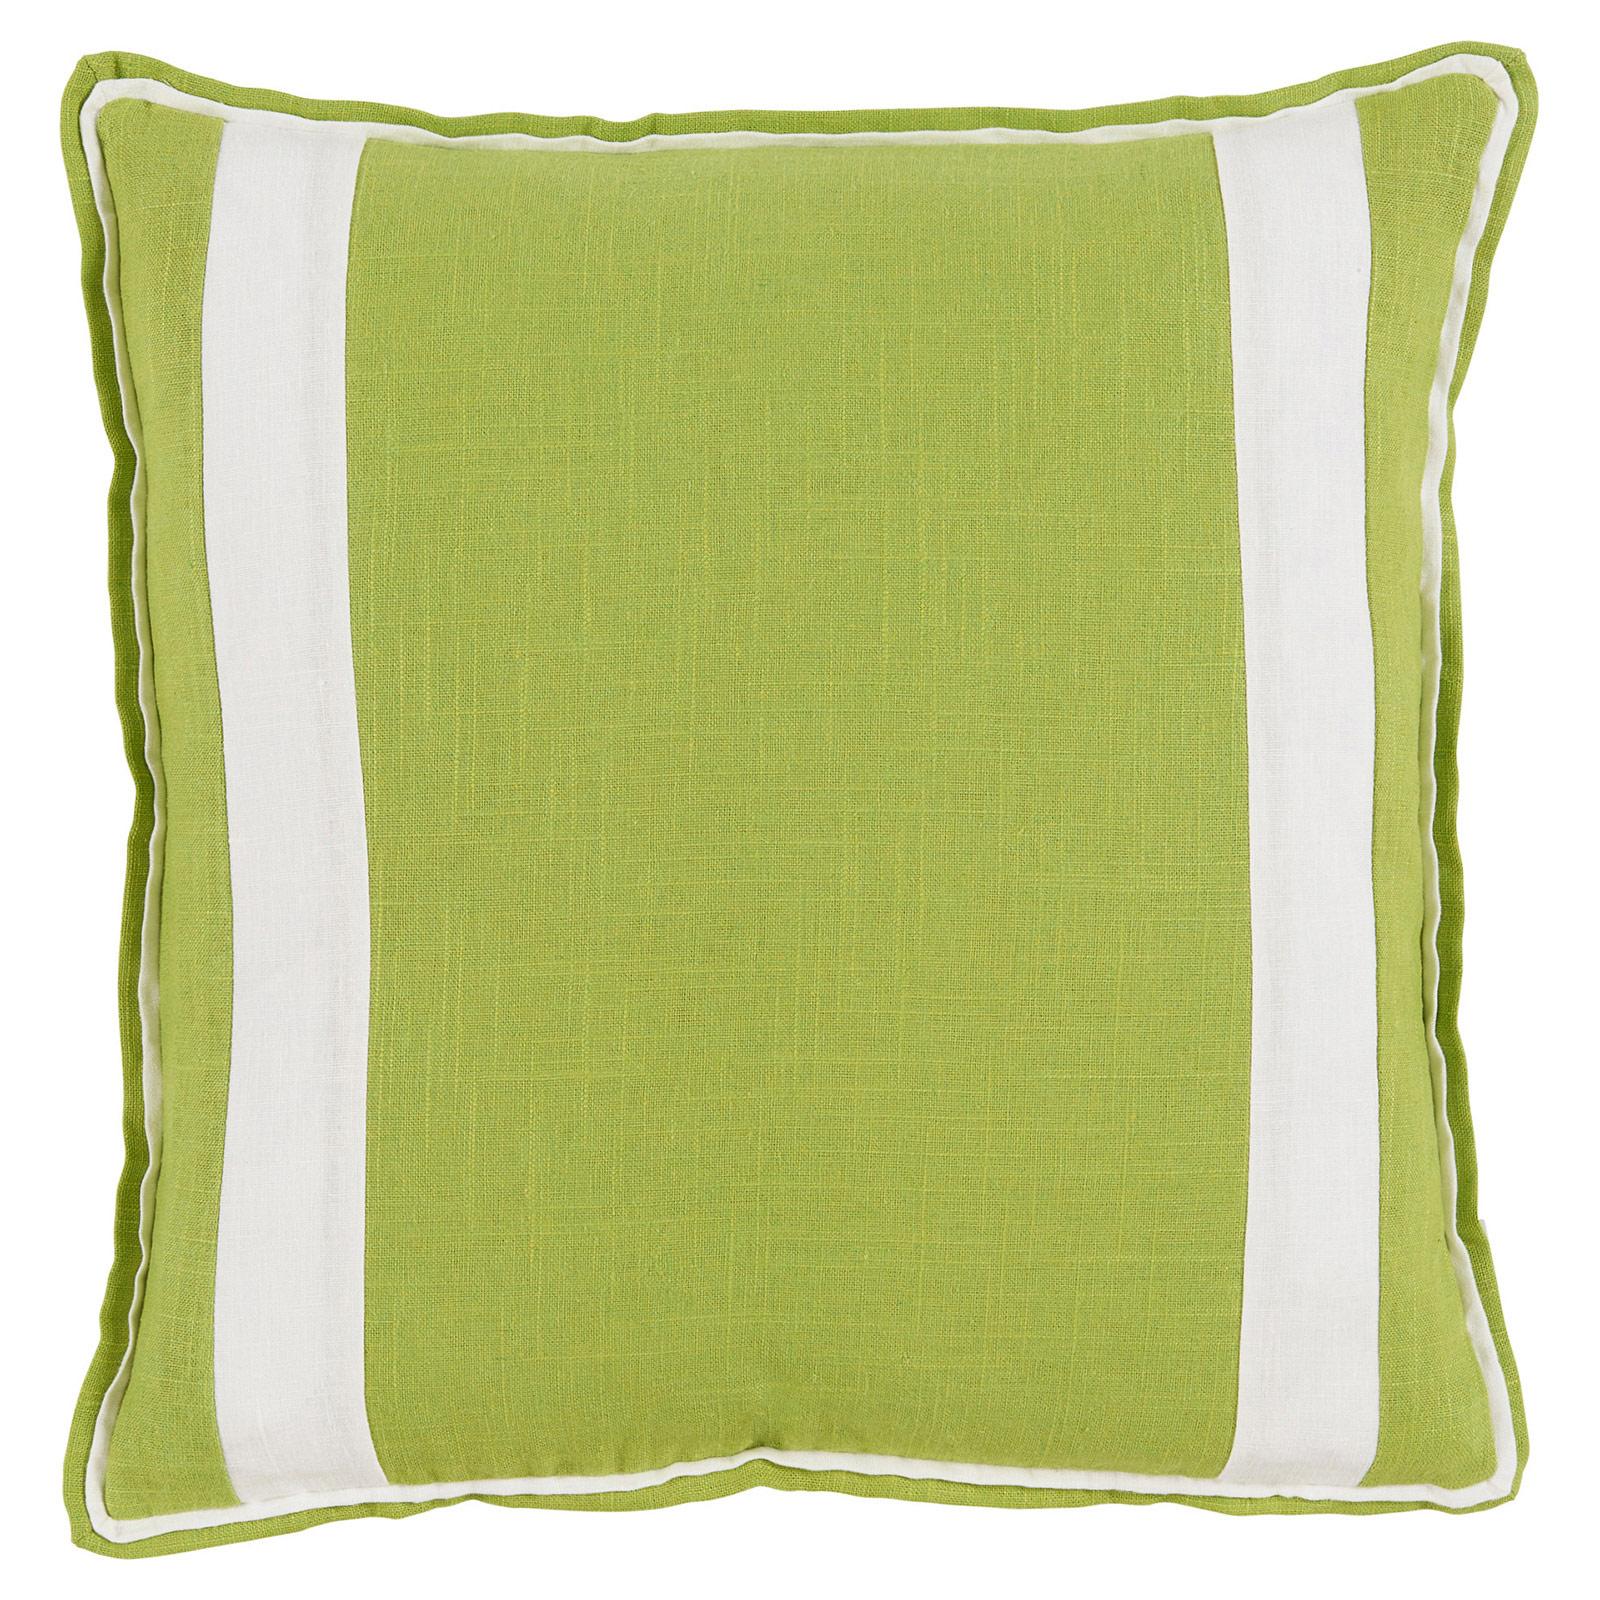 Bobbi Modern Classic Bold Stripe Lime Linen Pillow - 20x20